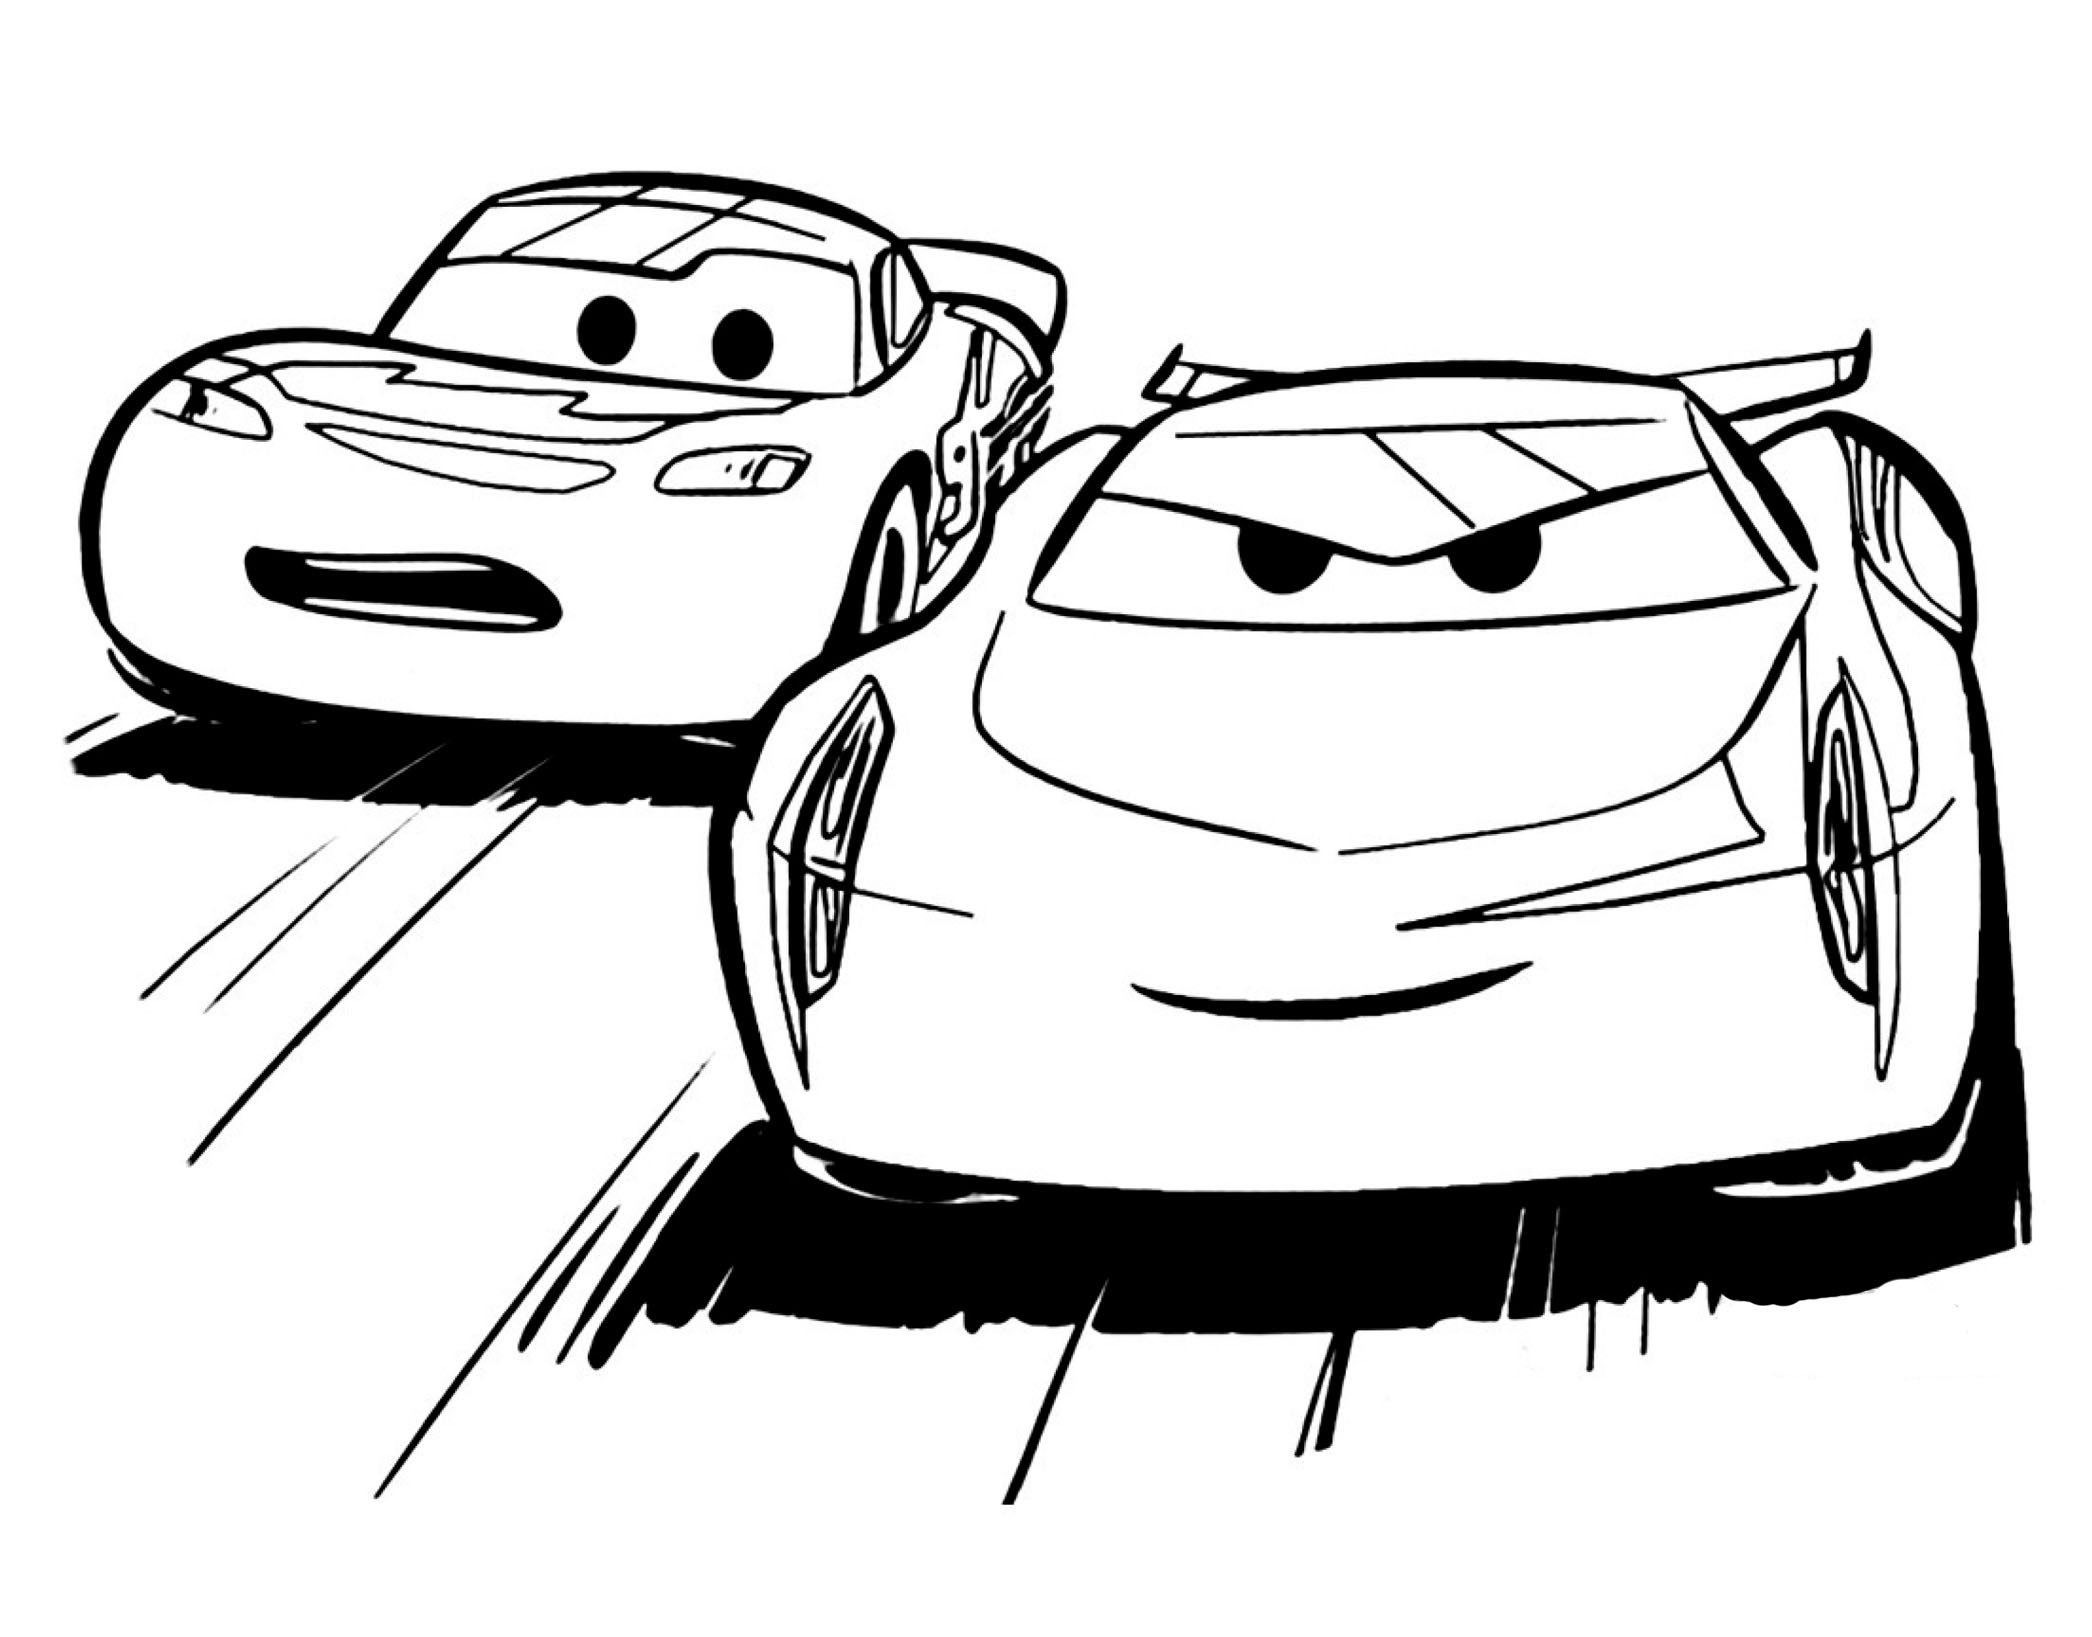 Disegni Da Colorare Cars.Disegni Da Colorare Cars 3 Sogni D Oro